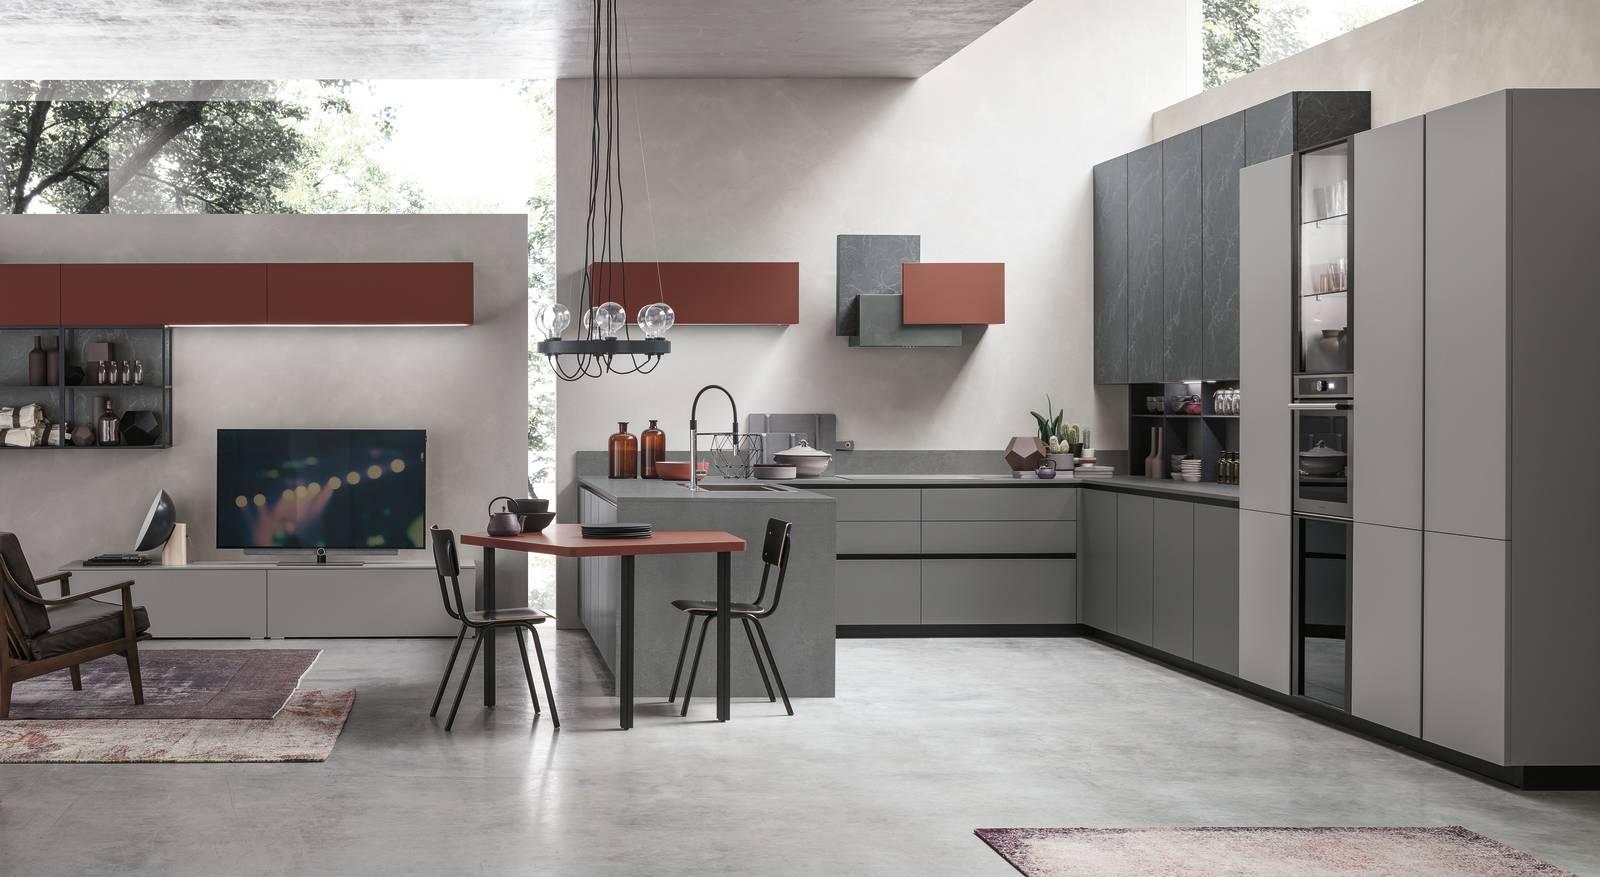 Soggiorno e cucina open space ma quale finitura scegliere for Cucina arredamento